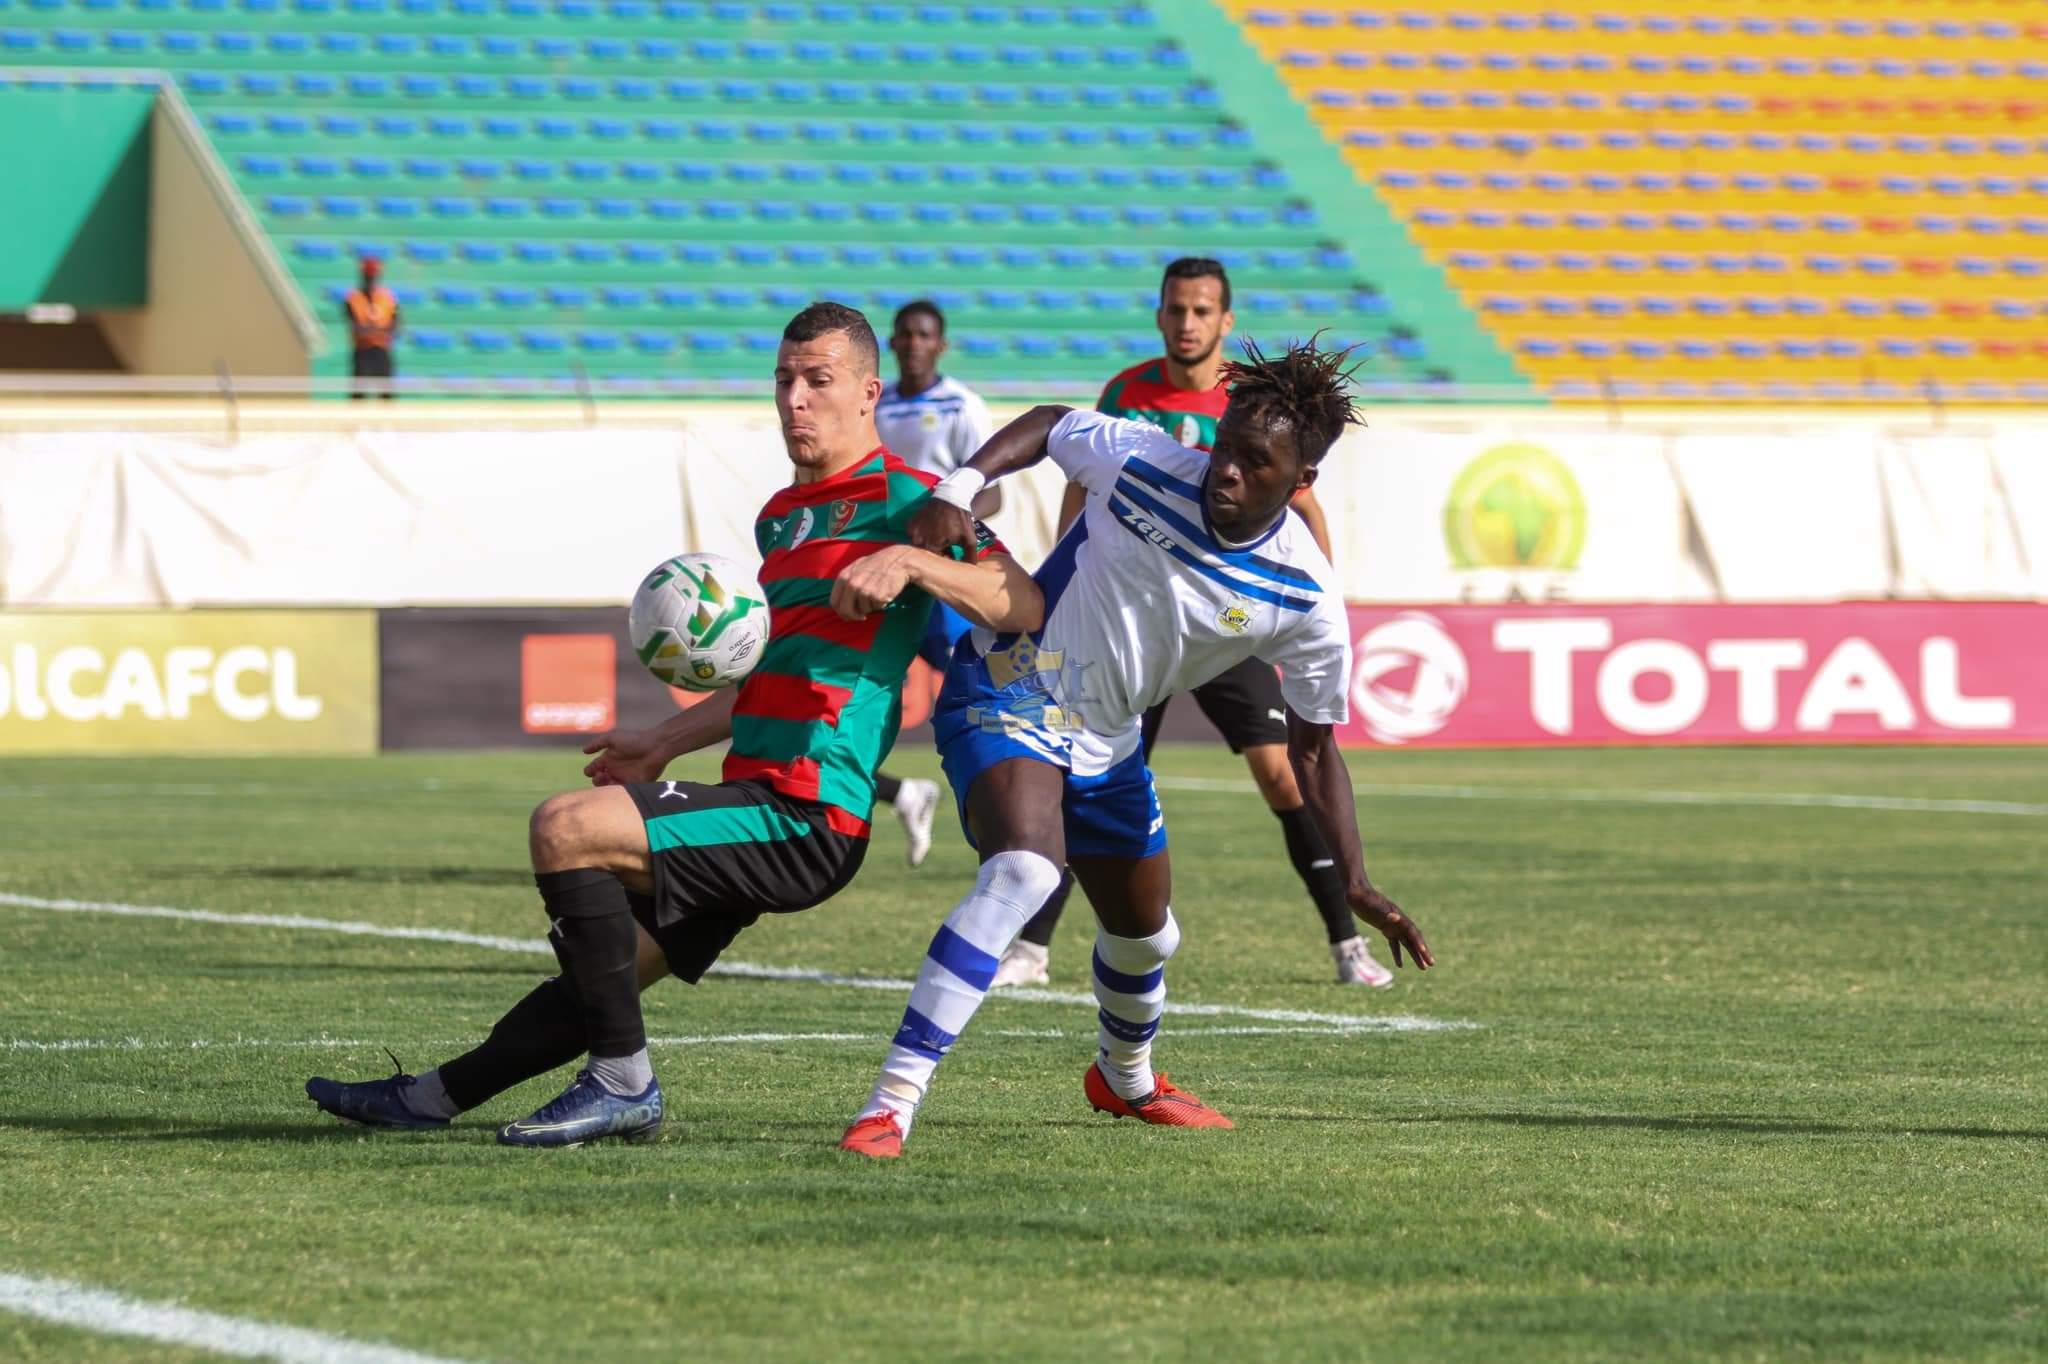 رابطة أبطال إفريقيا (الجولة الثالثة): مولودية الجزائر تعود بفوز ثمين من السنغال